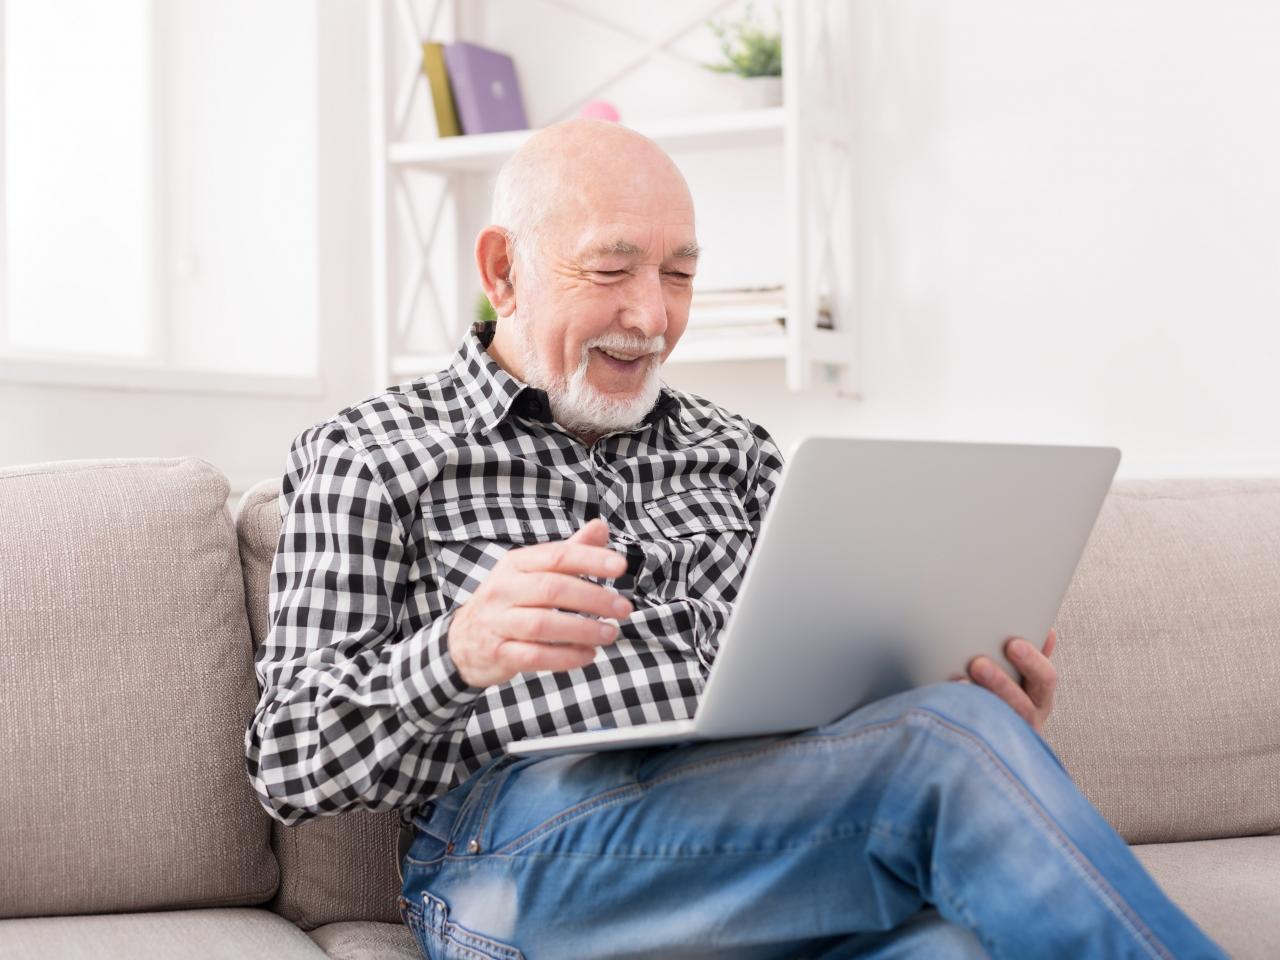 Auf dem Foto sieht man einen Mann, der mit einem Laptop auf dem Schoß auf einem Sofa sitzt